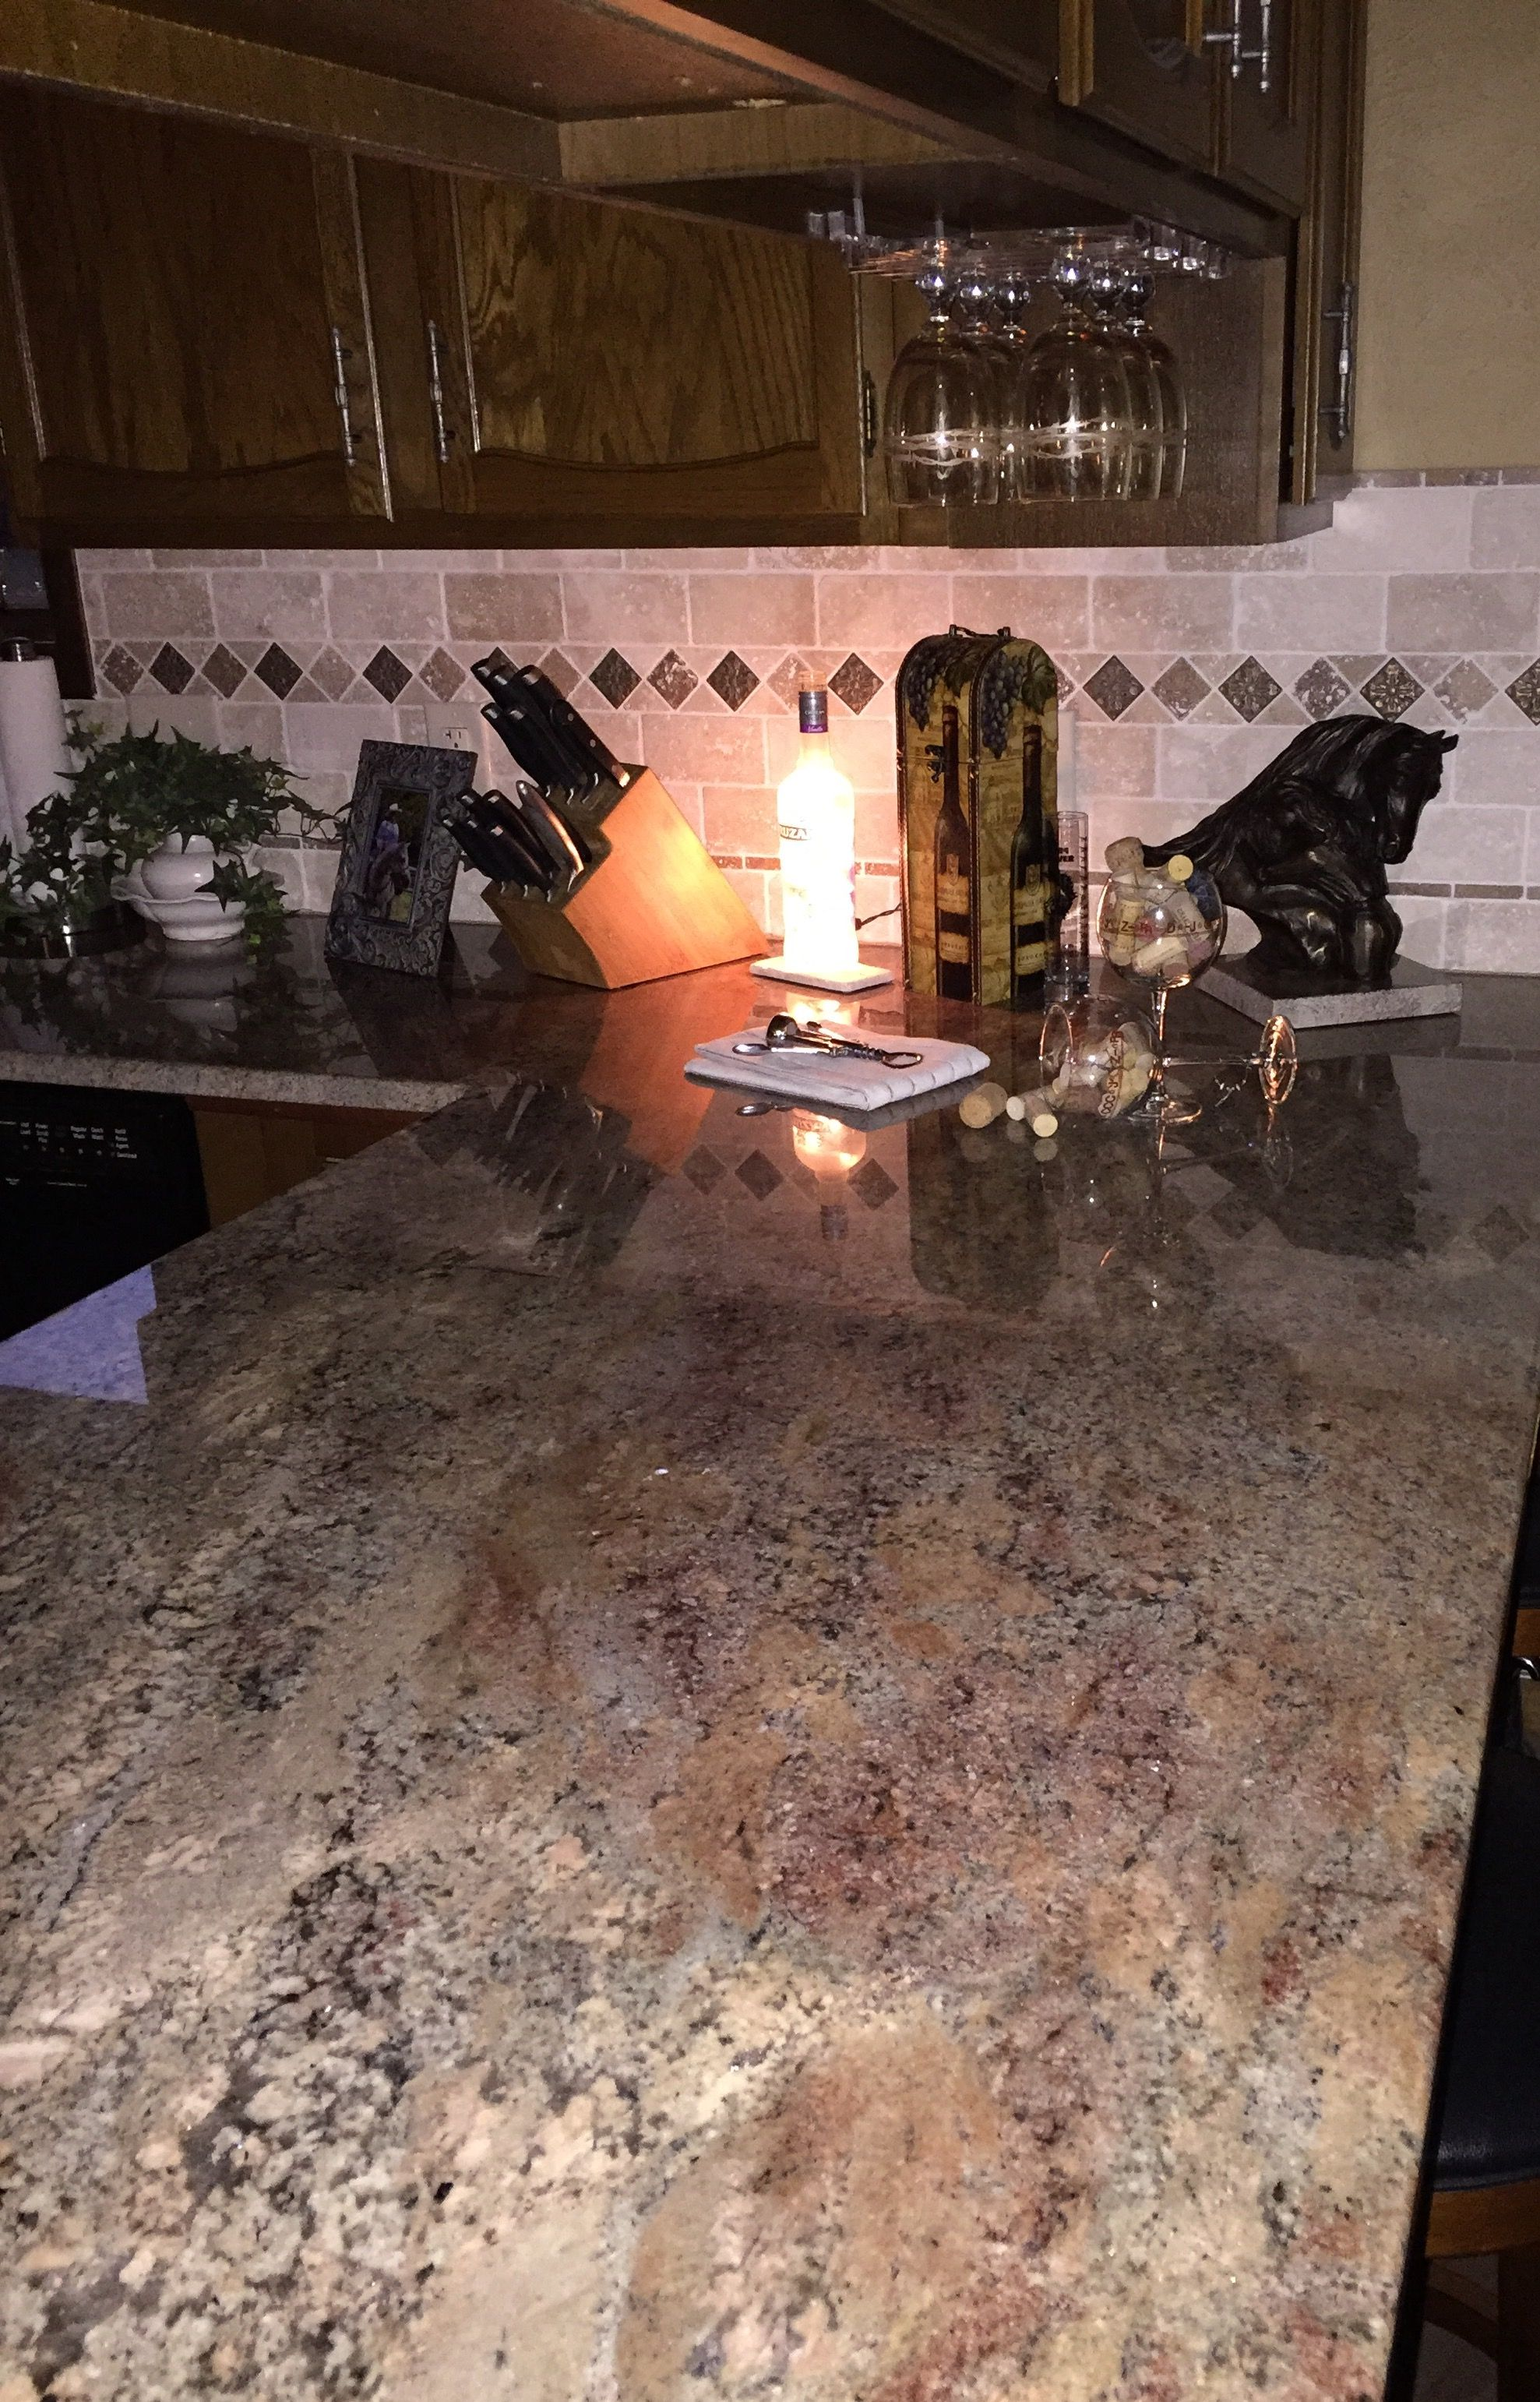 Crema Bordeaux Granite Countertop Granite Countertops Kitchen Granite Countertops Kitchen Countertops